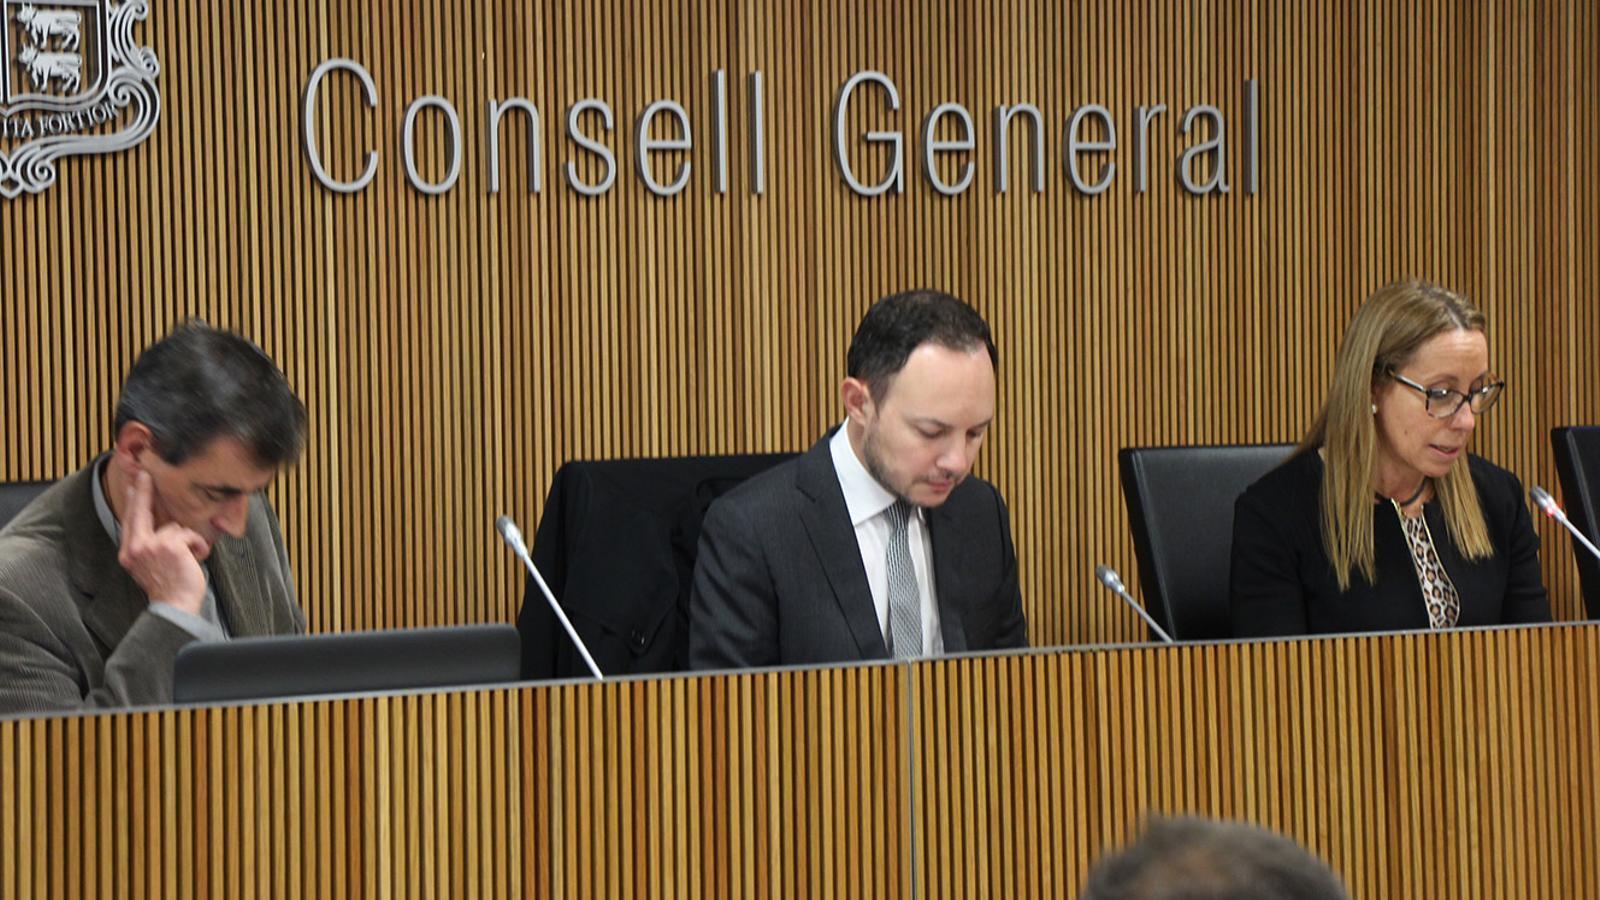 El coordinador del departament d'Estadística del Govern, Enric Ripoll; el ministre d'Afers Socials, Justícia i Interior, Xavier Espot, i la presidenta de la comissió legislativa d'Afers Socials, Sílvia Bonet, durant la presentació de l'informe. / B. N. (ANA)